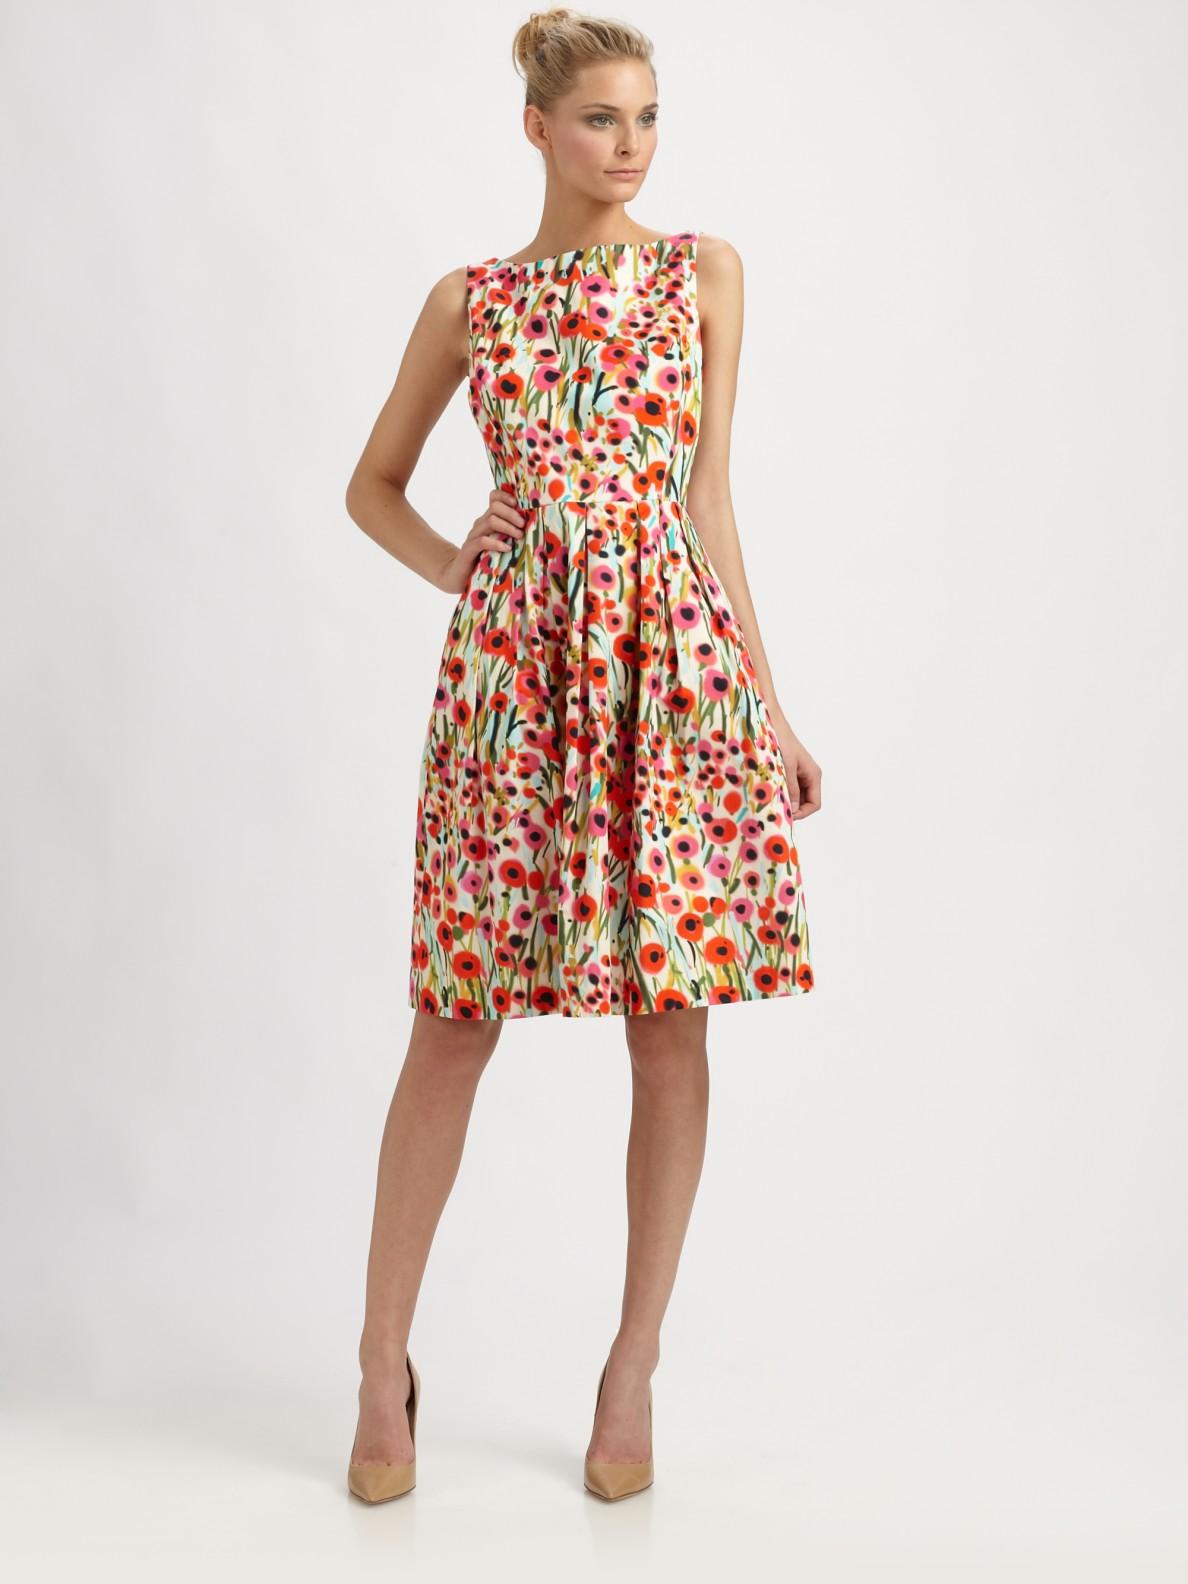 Lyst Milly Lettie Frock Dress In Poppy Field Print